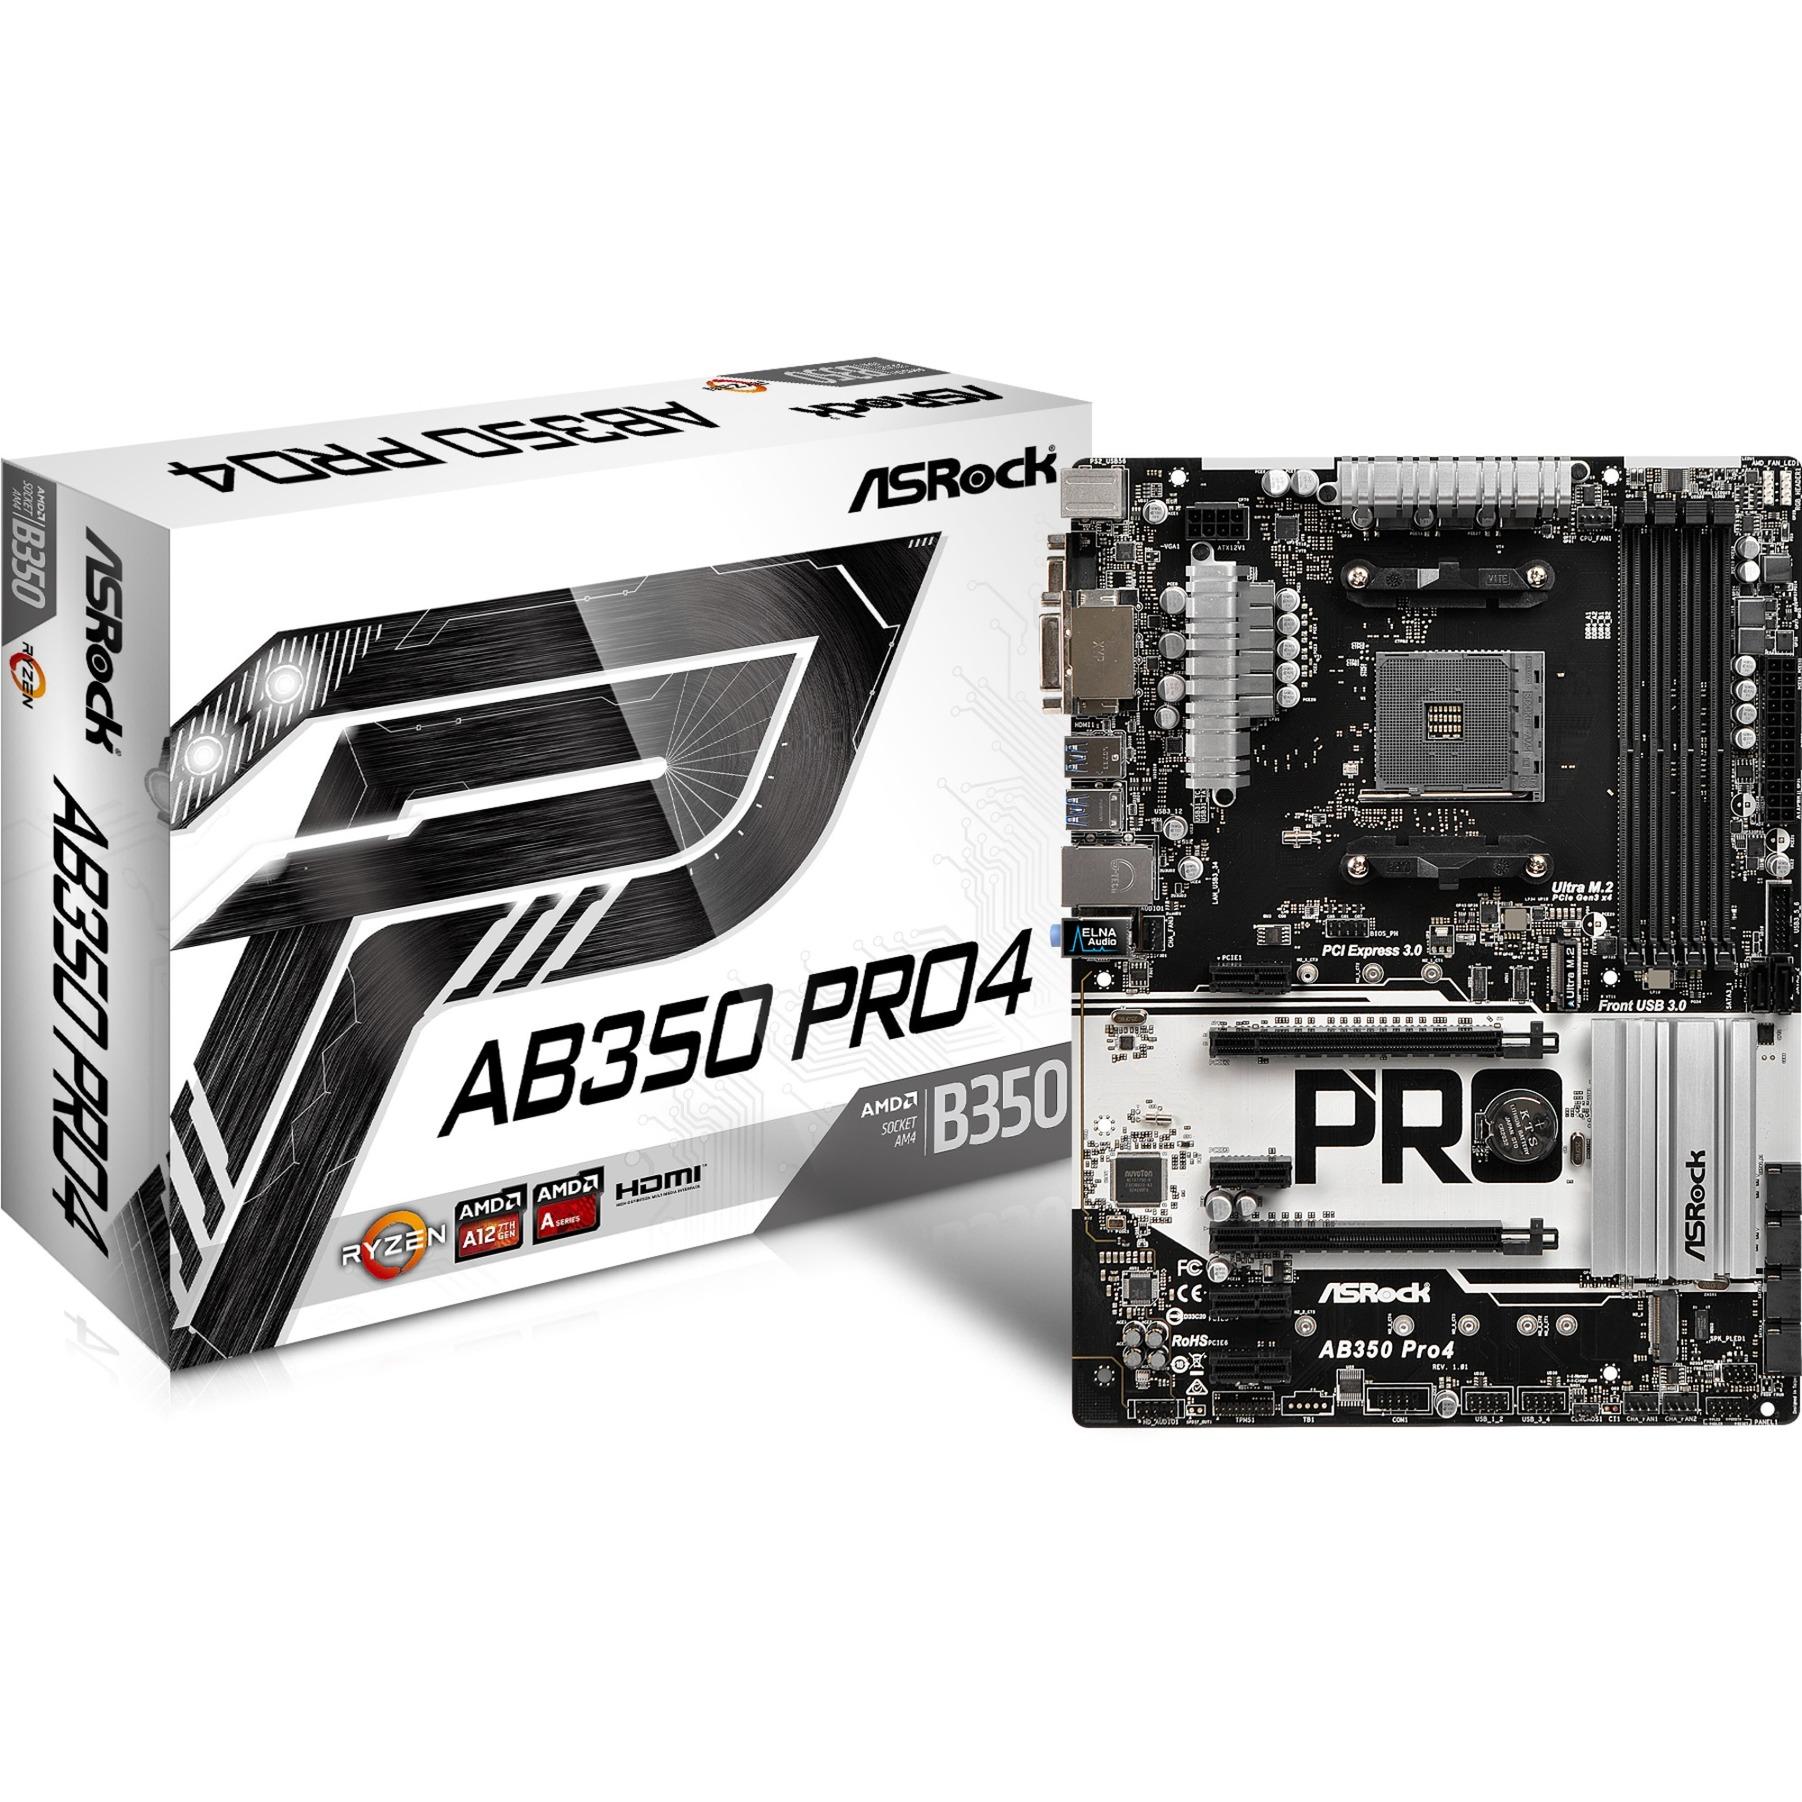 AB350 Pro4 AMD B350 Zócalo AM4 ATX, Placa base